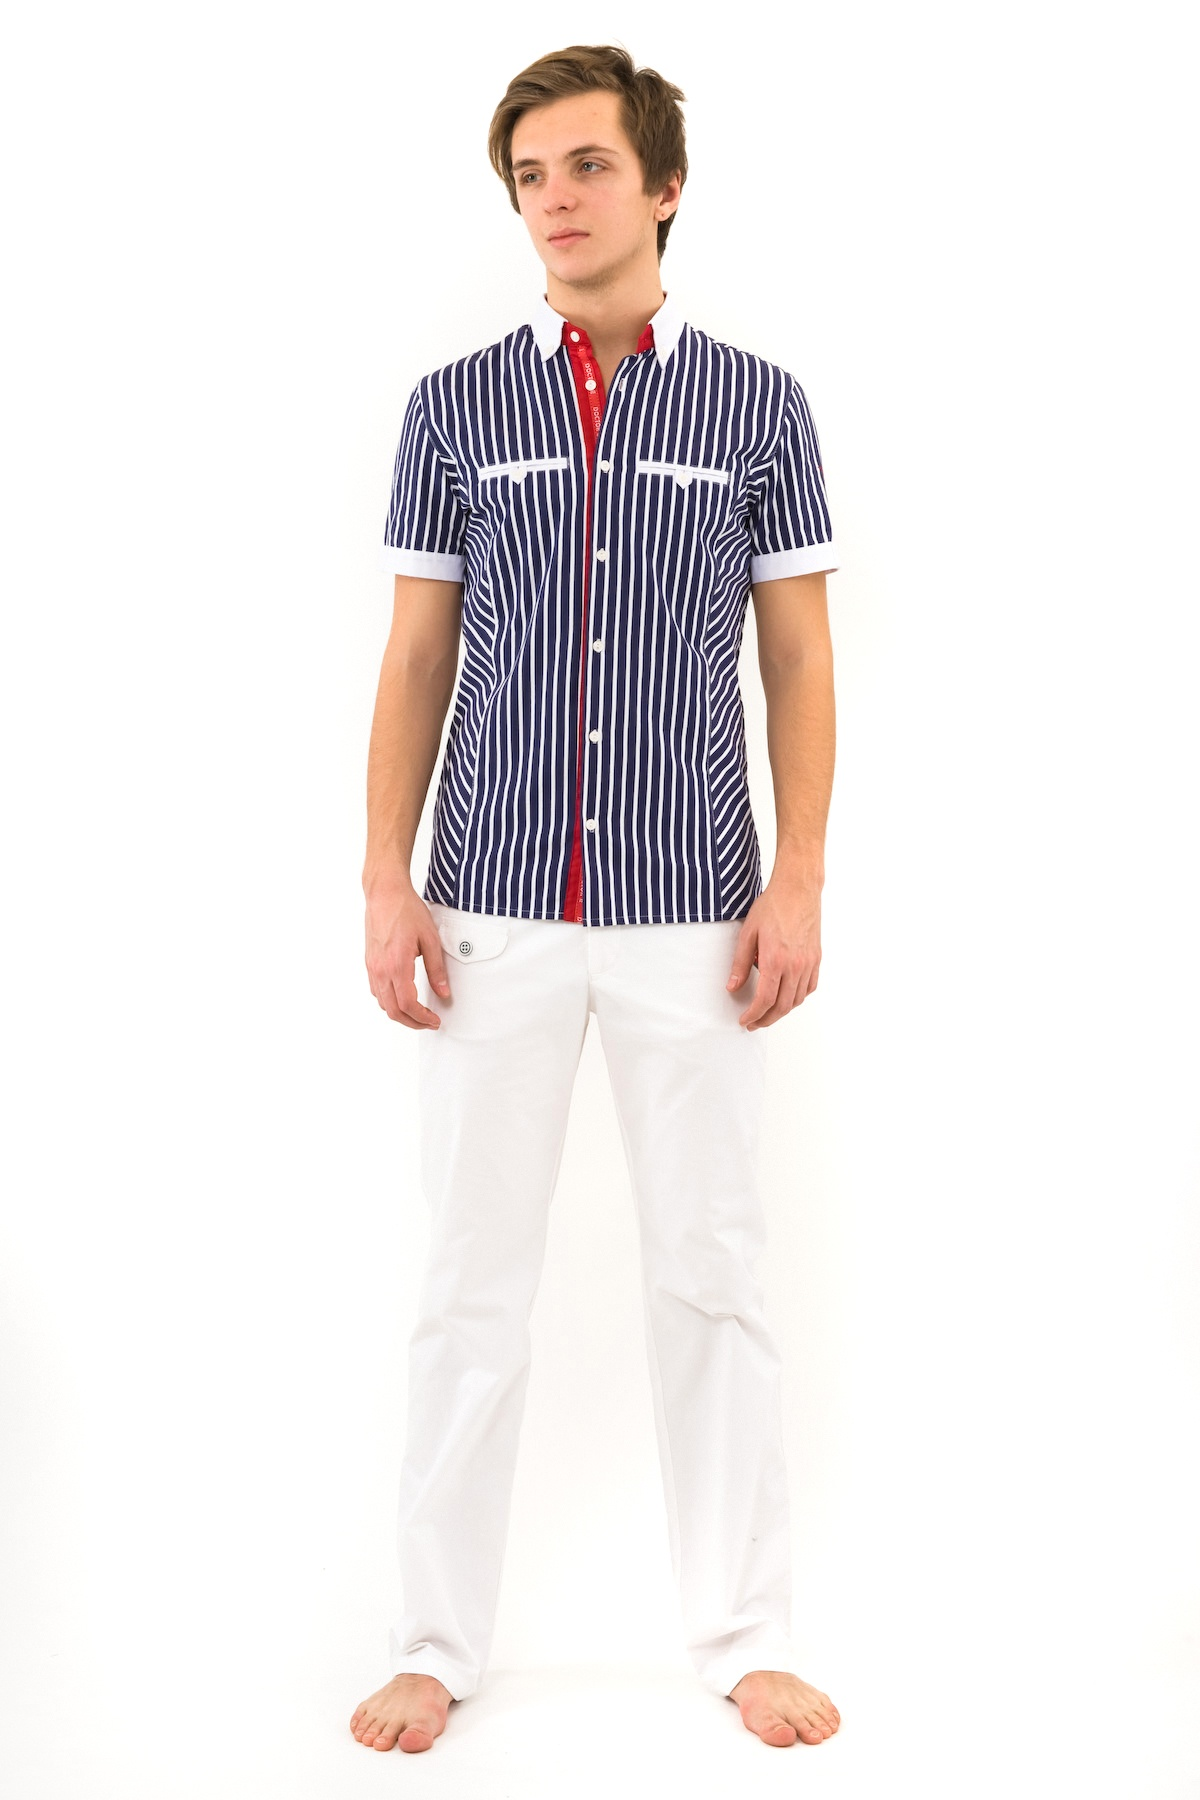 РубашкаМужские рубашки<br>Сорочка мужская с оригинальной вышивкой на левом рукаве, с функциональными нагрудными прорезными карманами.<br><br>Цвет: синий<br>Состав: 100% хлопок<br>Размер: 44<br>Страна дизайна: Россия<br>Страна производства: Россия